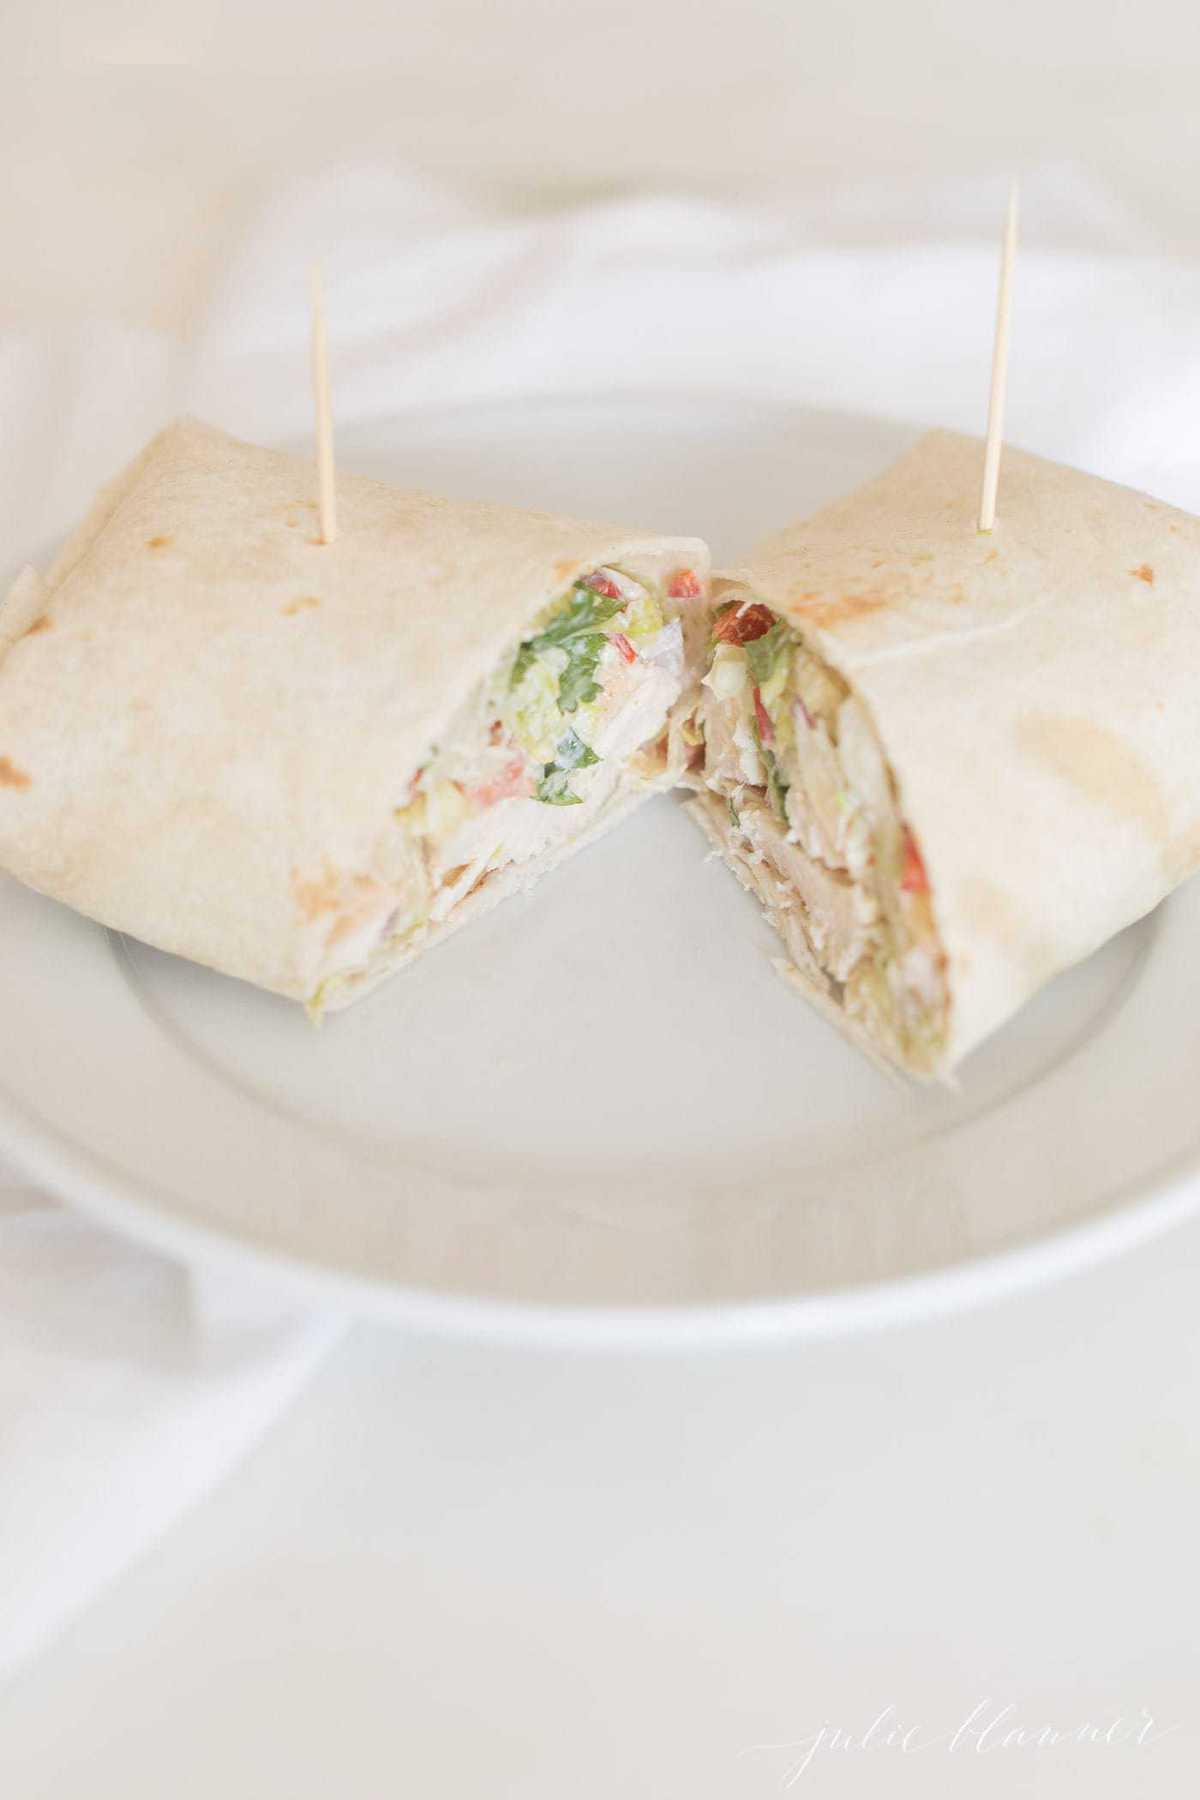 fiesta chicken wrap cut in half on a plate